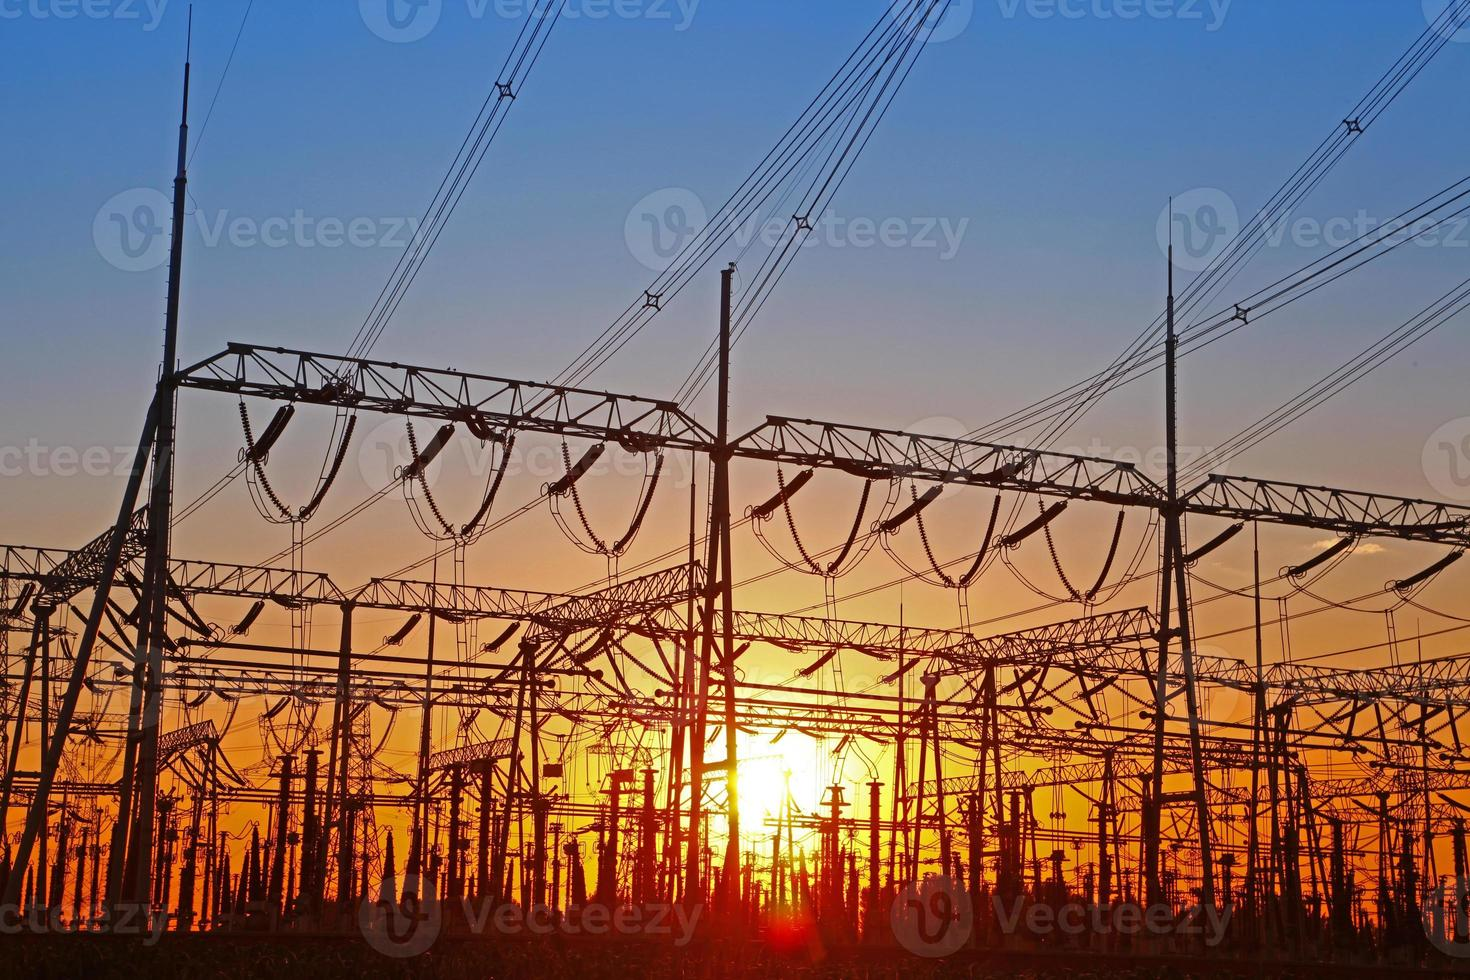 fio de energia elétrica ao pôr do sol foto